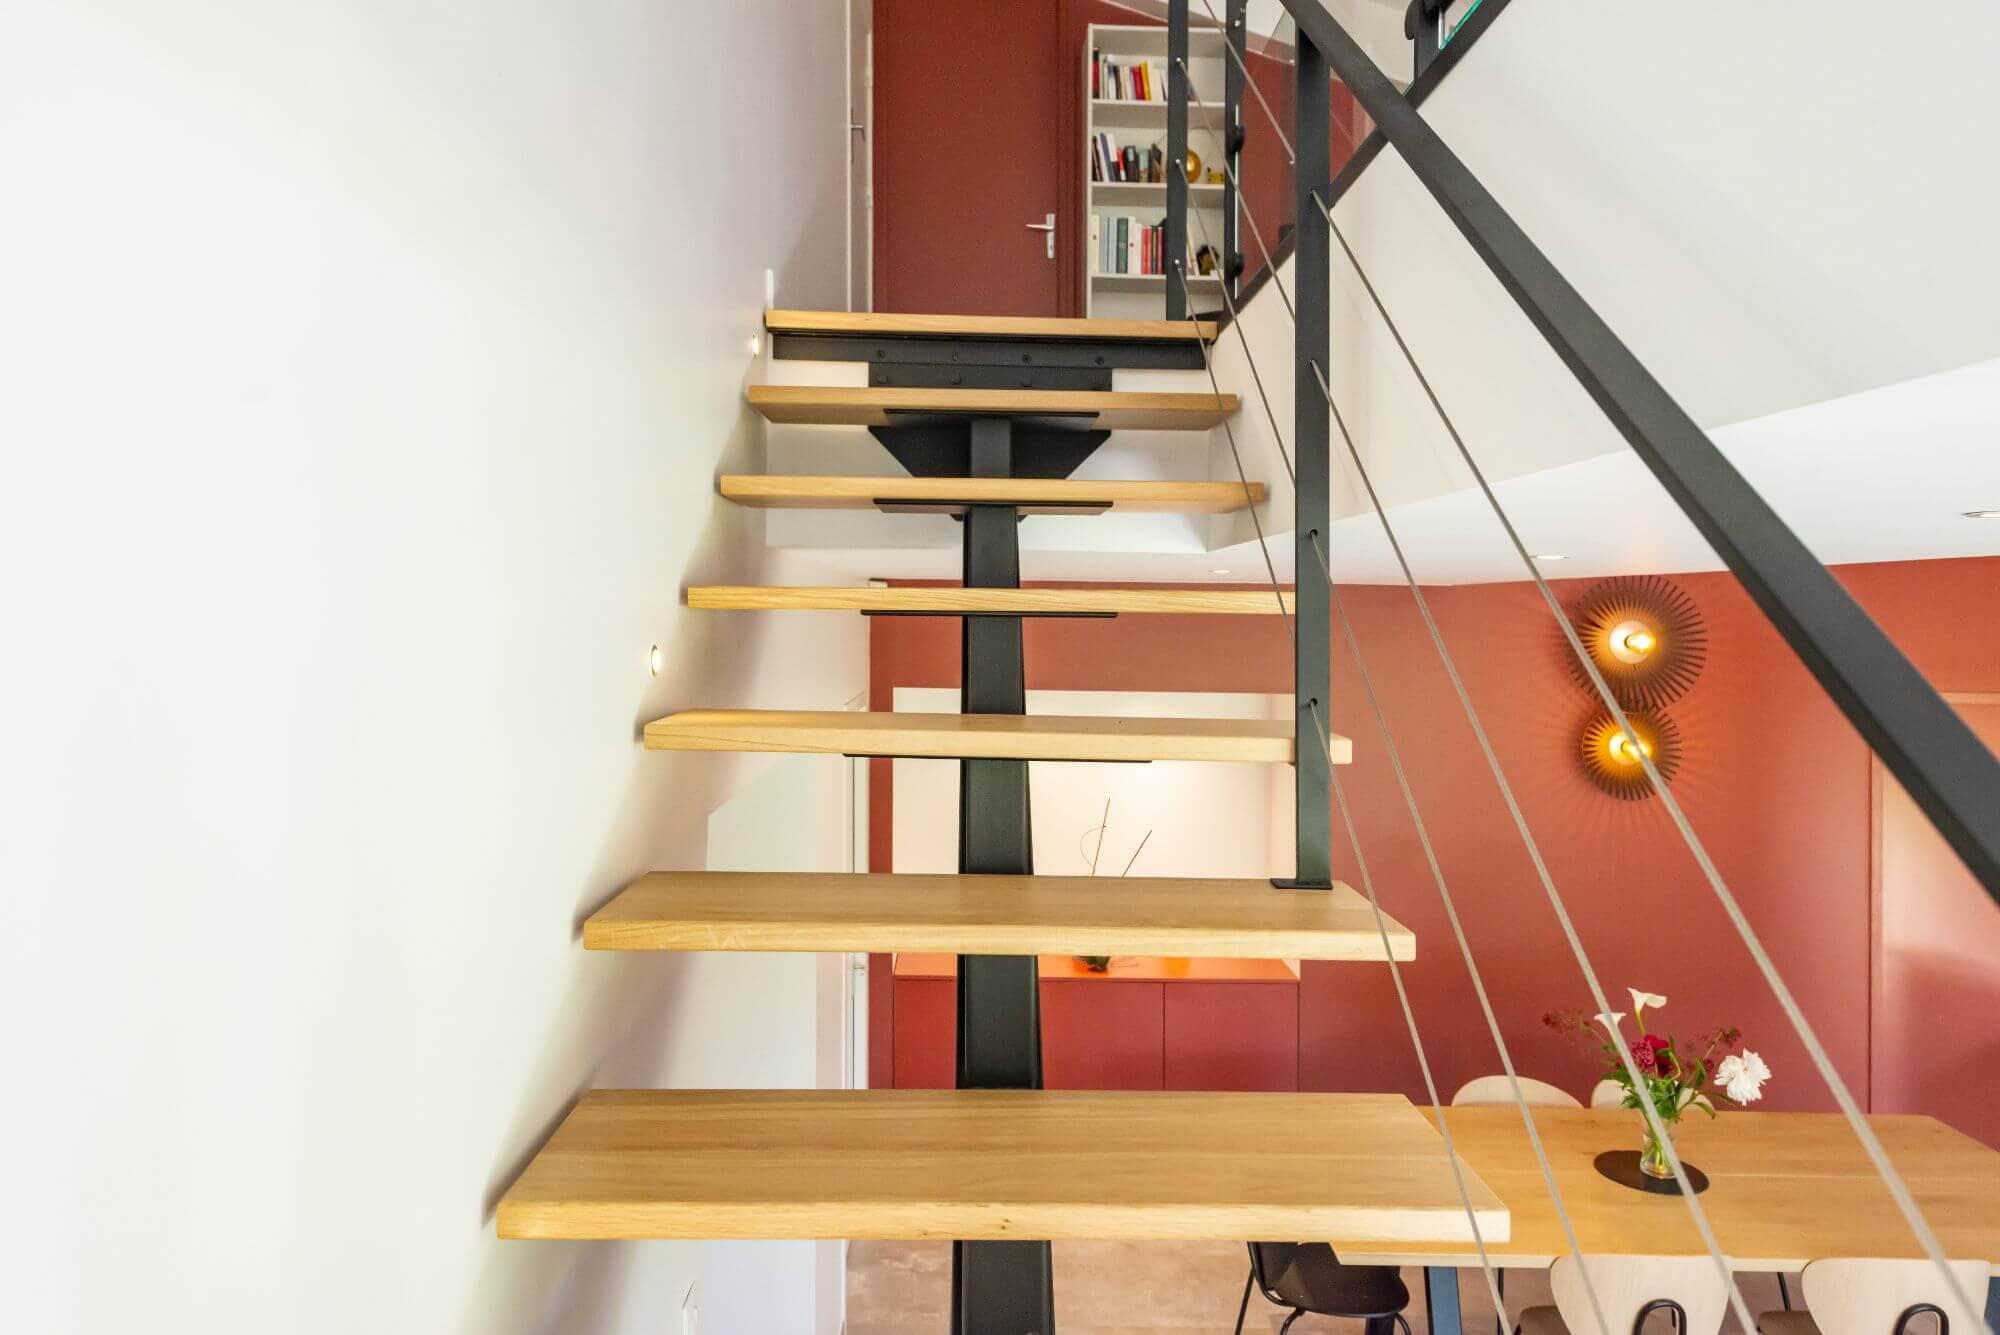 Escalier, Limon central, Maison renovée